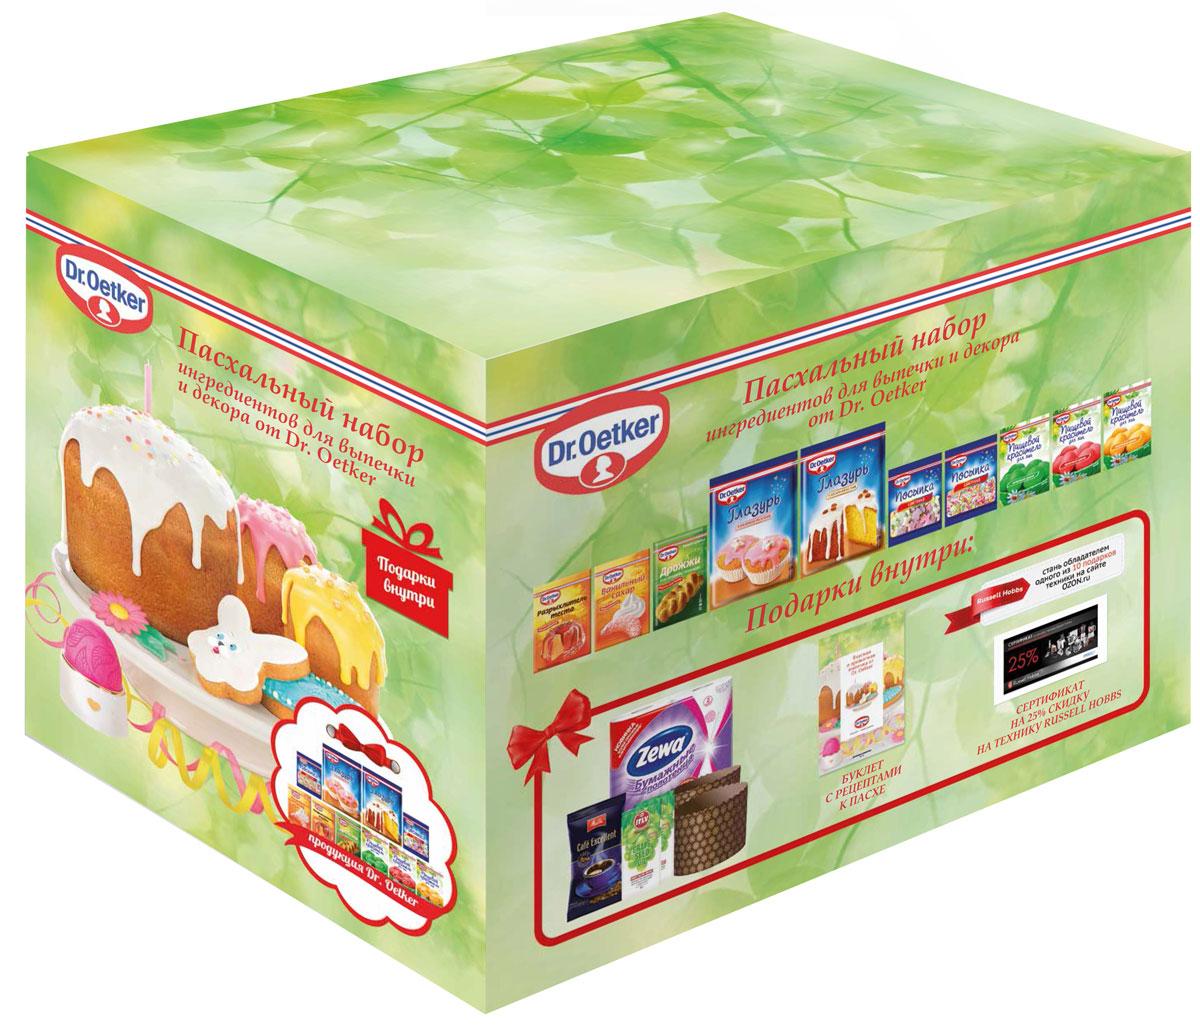 Dr.Oetker Пасхальный набор1-84-009002Разрыхлитель теста,10г-1 шт., Сахар Ванильный 8г-1 шт., Дрожжи сухие мгновеннодействующие-1 шт., Пищевой краситель для яиц жидкий зеленый 5 мл-1 шт., Пищевой краситель для яиц жидкий красный 5 мл-1 шт., Пищевой краситель для яиц жидкий желтый 5 мл-1 шт., Глазурь сахарная белая 100 г-1 шт., Глазурь сахарная розовая 100 г-1 шт., Посыпка цветная, палочки (саше), 10г.-1 шт., Посыпка цветная, бабочки (саше), 10г.-1 шт., Полотенца Zewa Премиум Декор бумажные 2 рулона в упаковке-1 шт., Кофе молотый, Melitta-1 шт., Сашеты с виноградным маслом ITLV 2* 30 мл-2 шт., Форма для выпечки кулича, 2+0, 500г-2 шт., RUSSELL HOBBS (сертификат на скидку 25% при покупке техники на сайте ozon.ru)-1 шт.